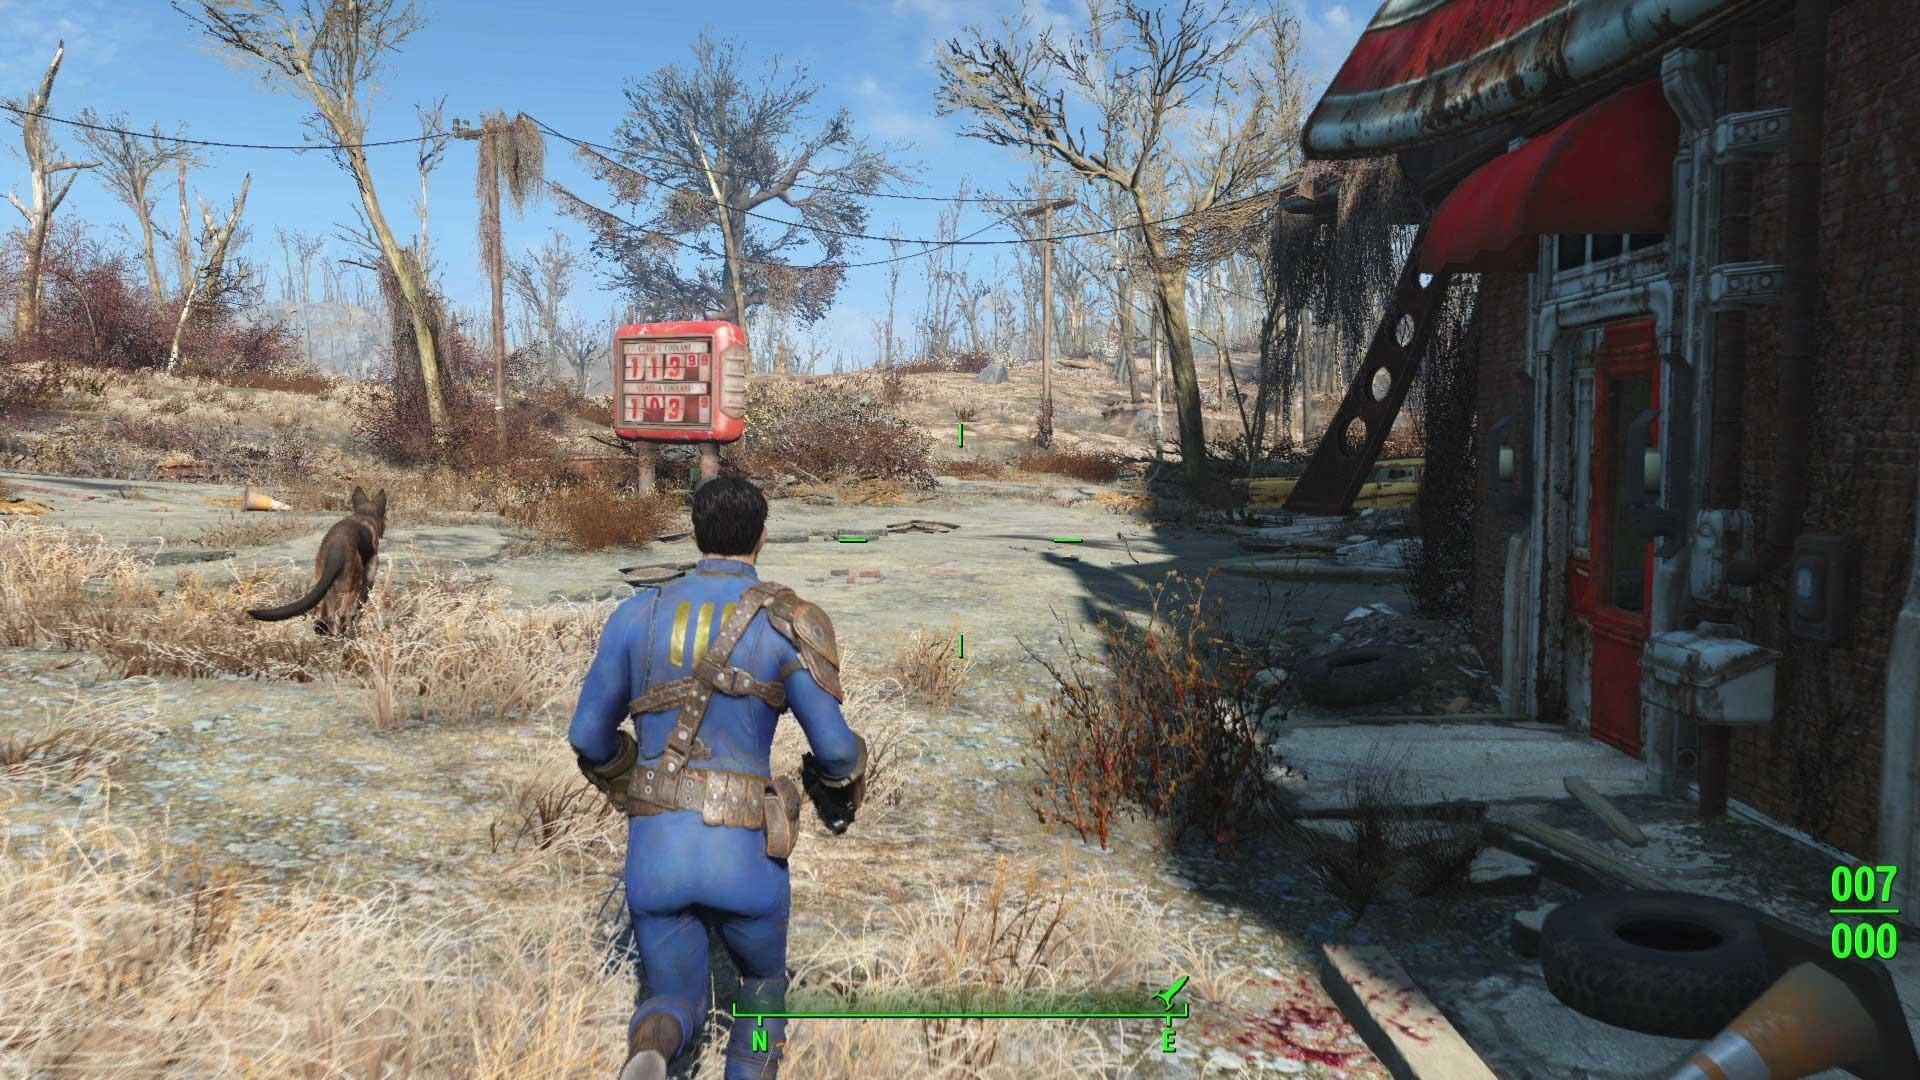 Для записи всех реплик персонажей в Fallout 4 потребовалось два года